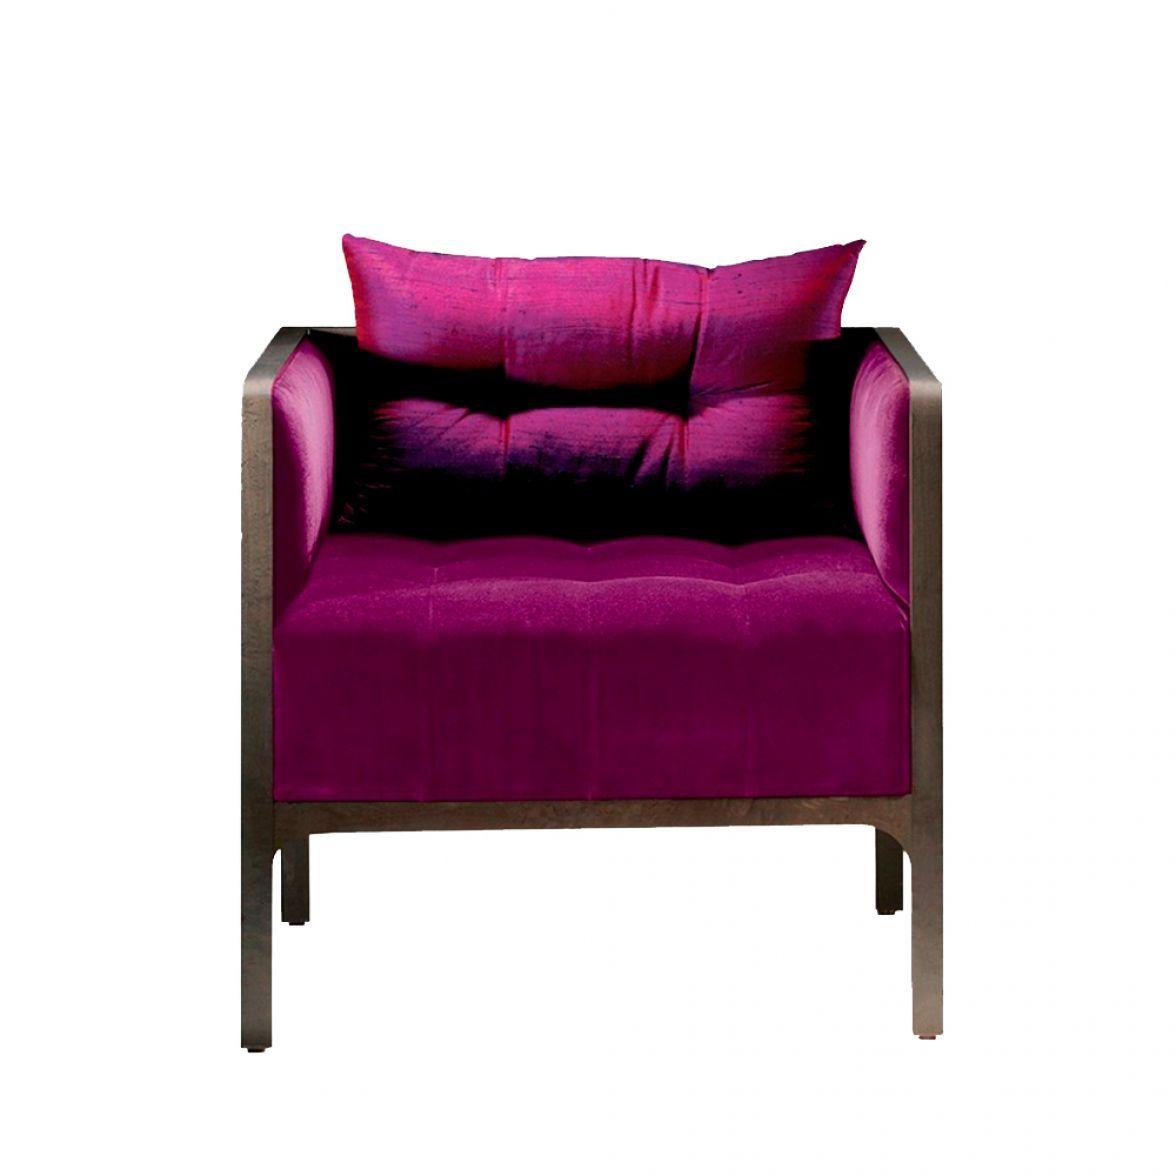 Sintra armchair